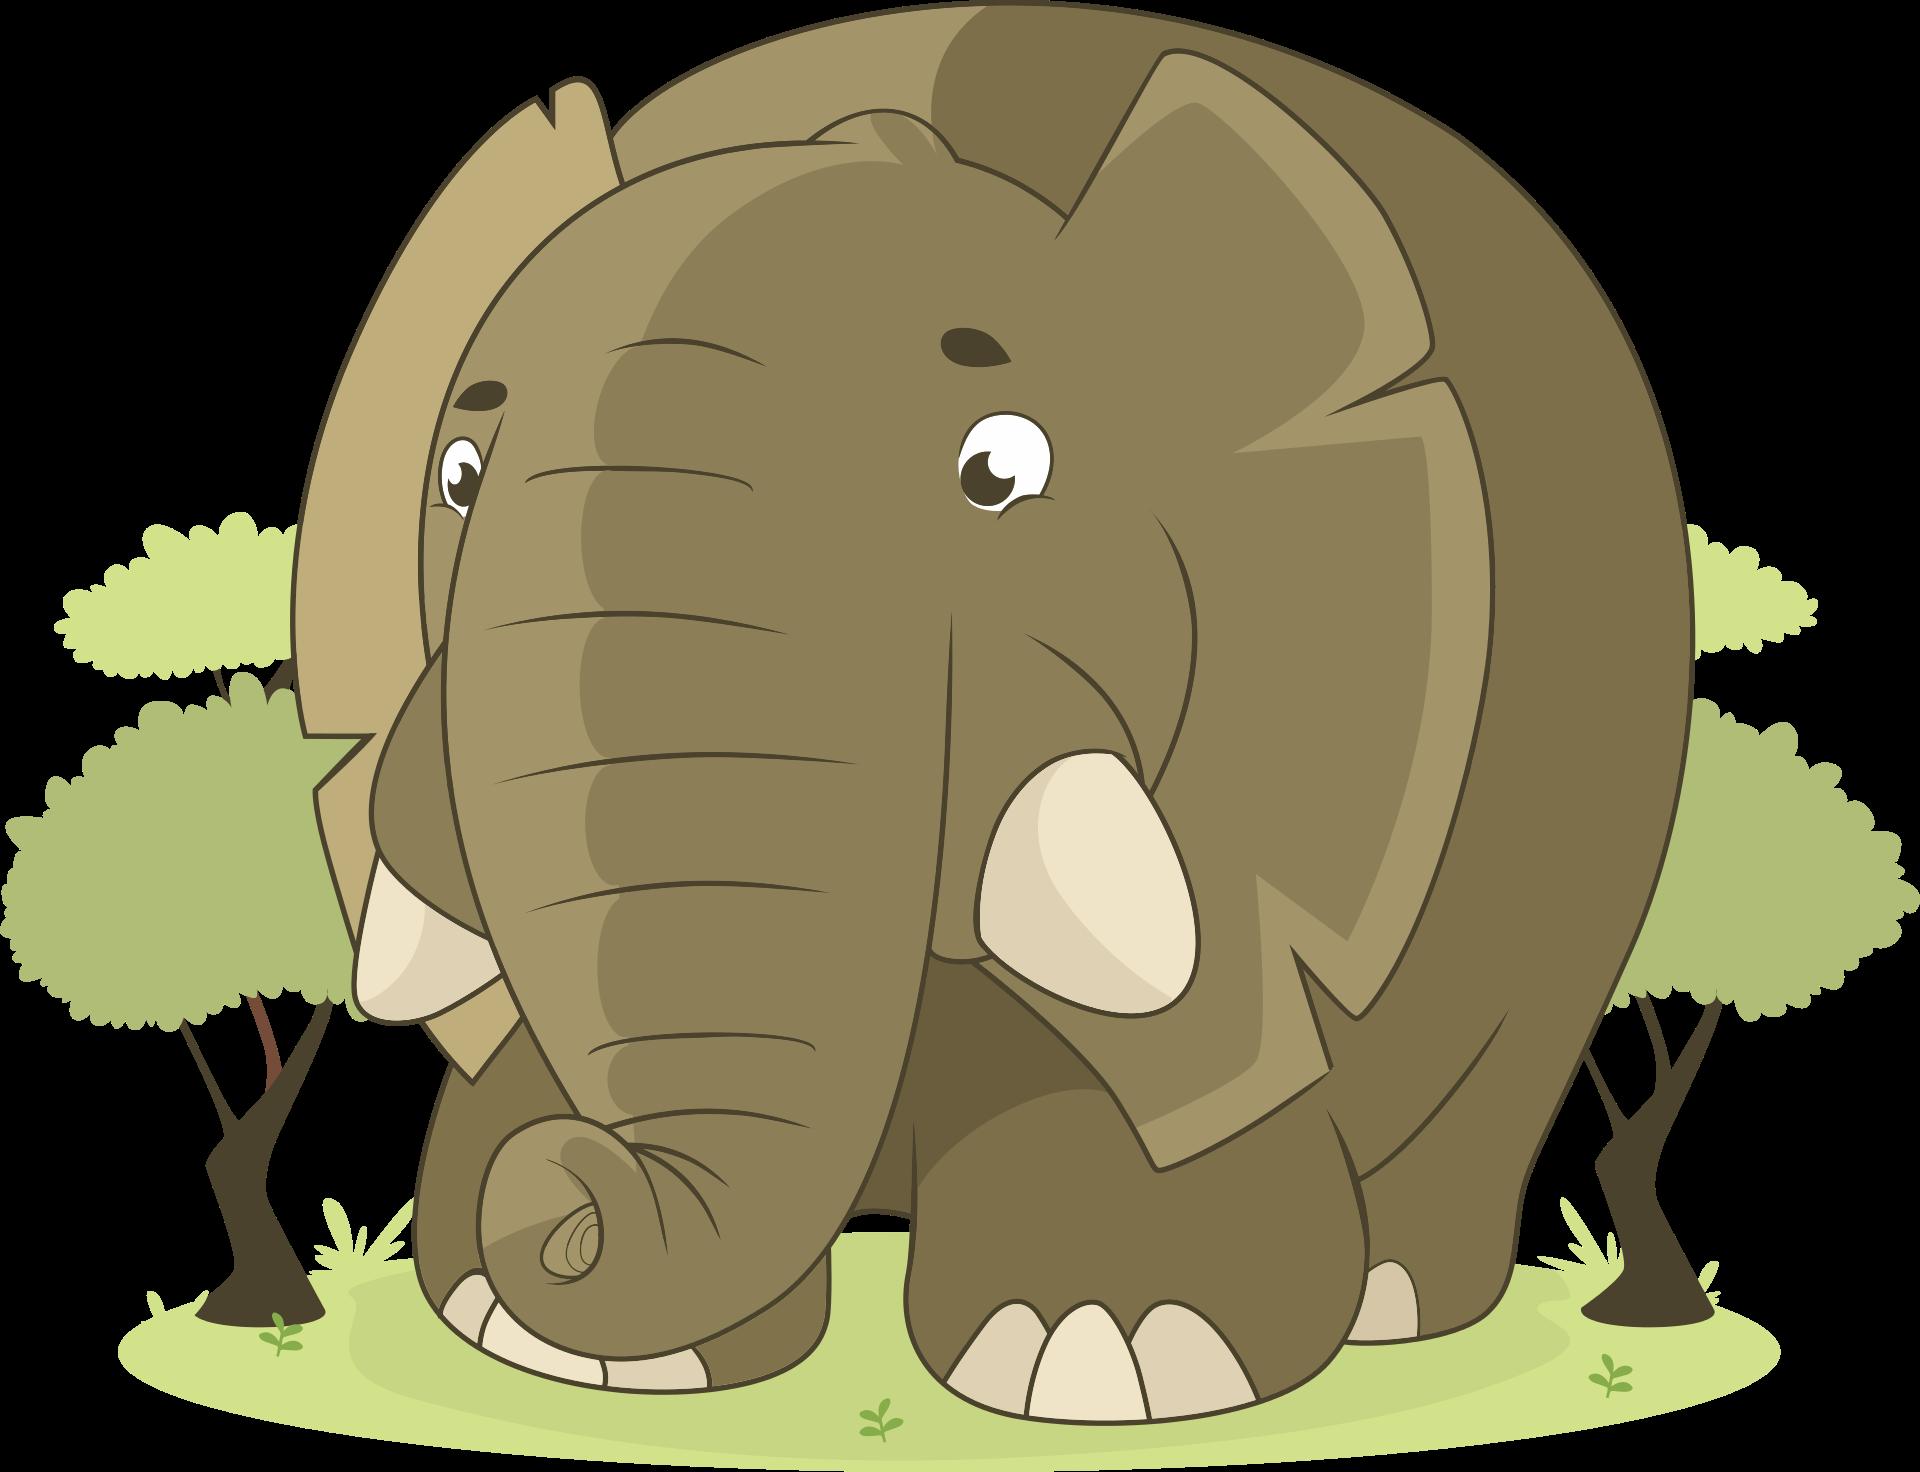 大象, 丛林, 萨凡纳, 非洲, 大 - 高清壁纸 - 教授-falken.com